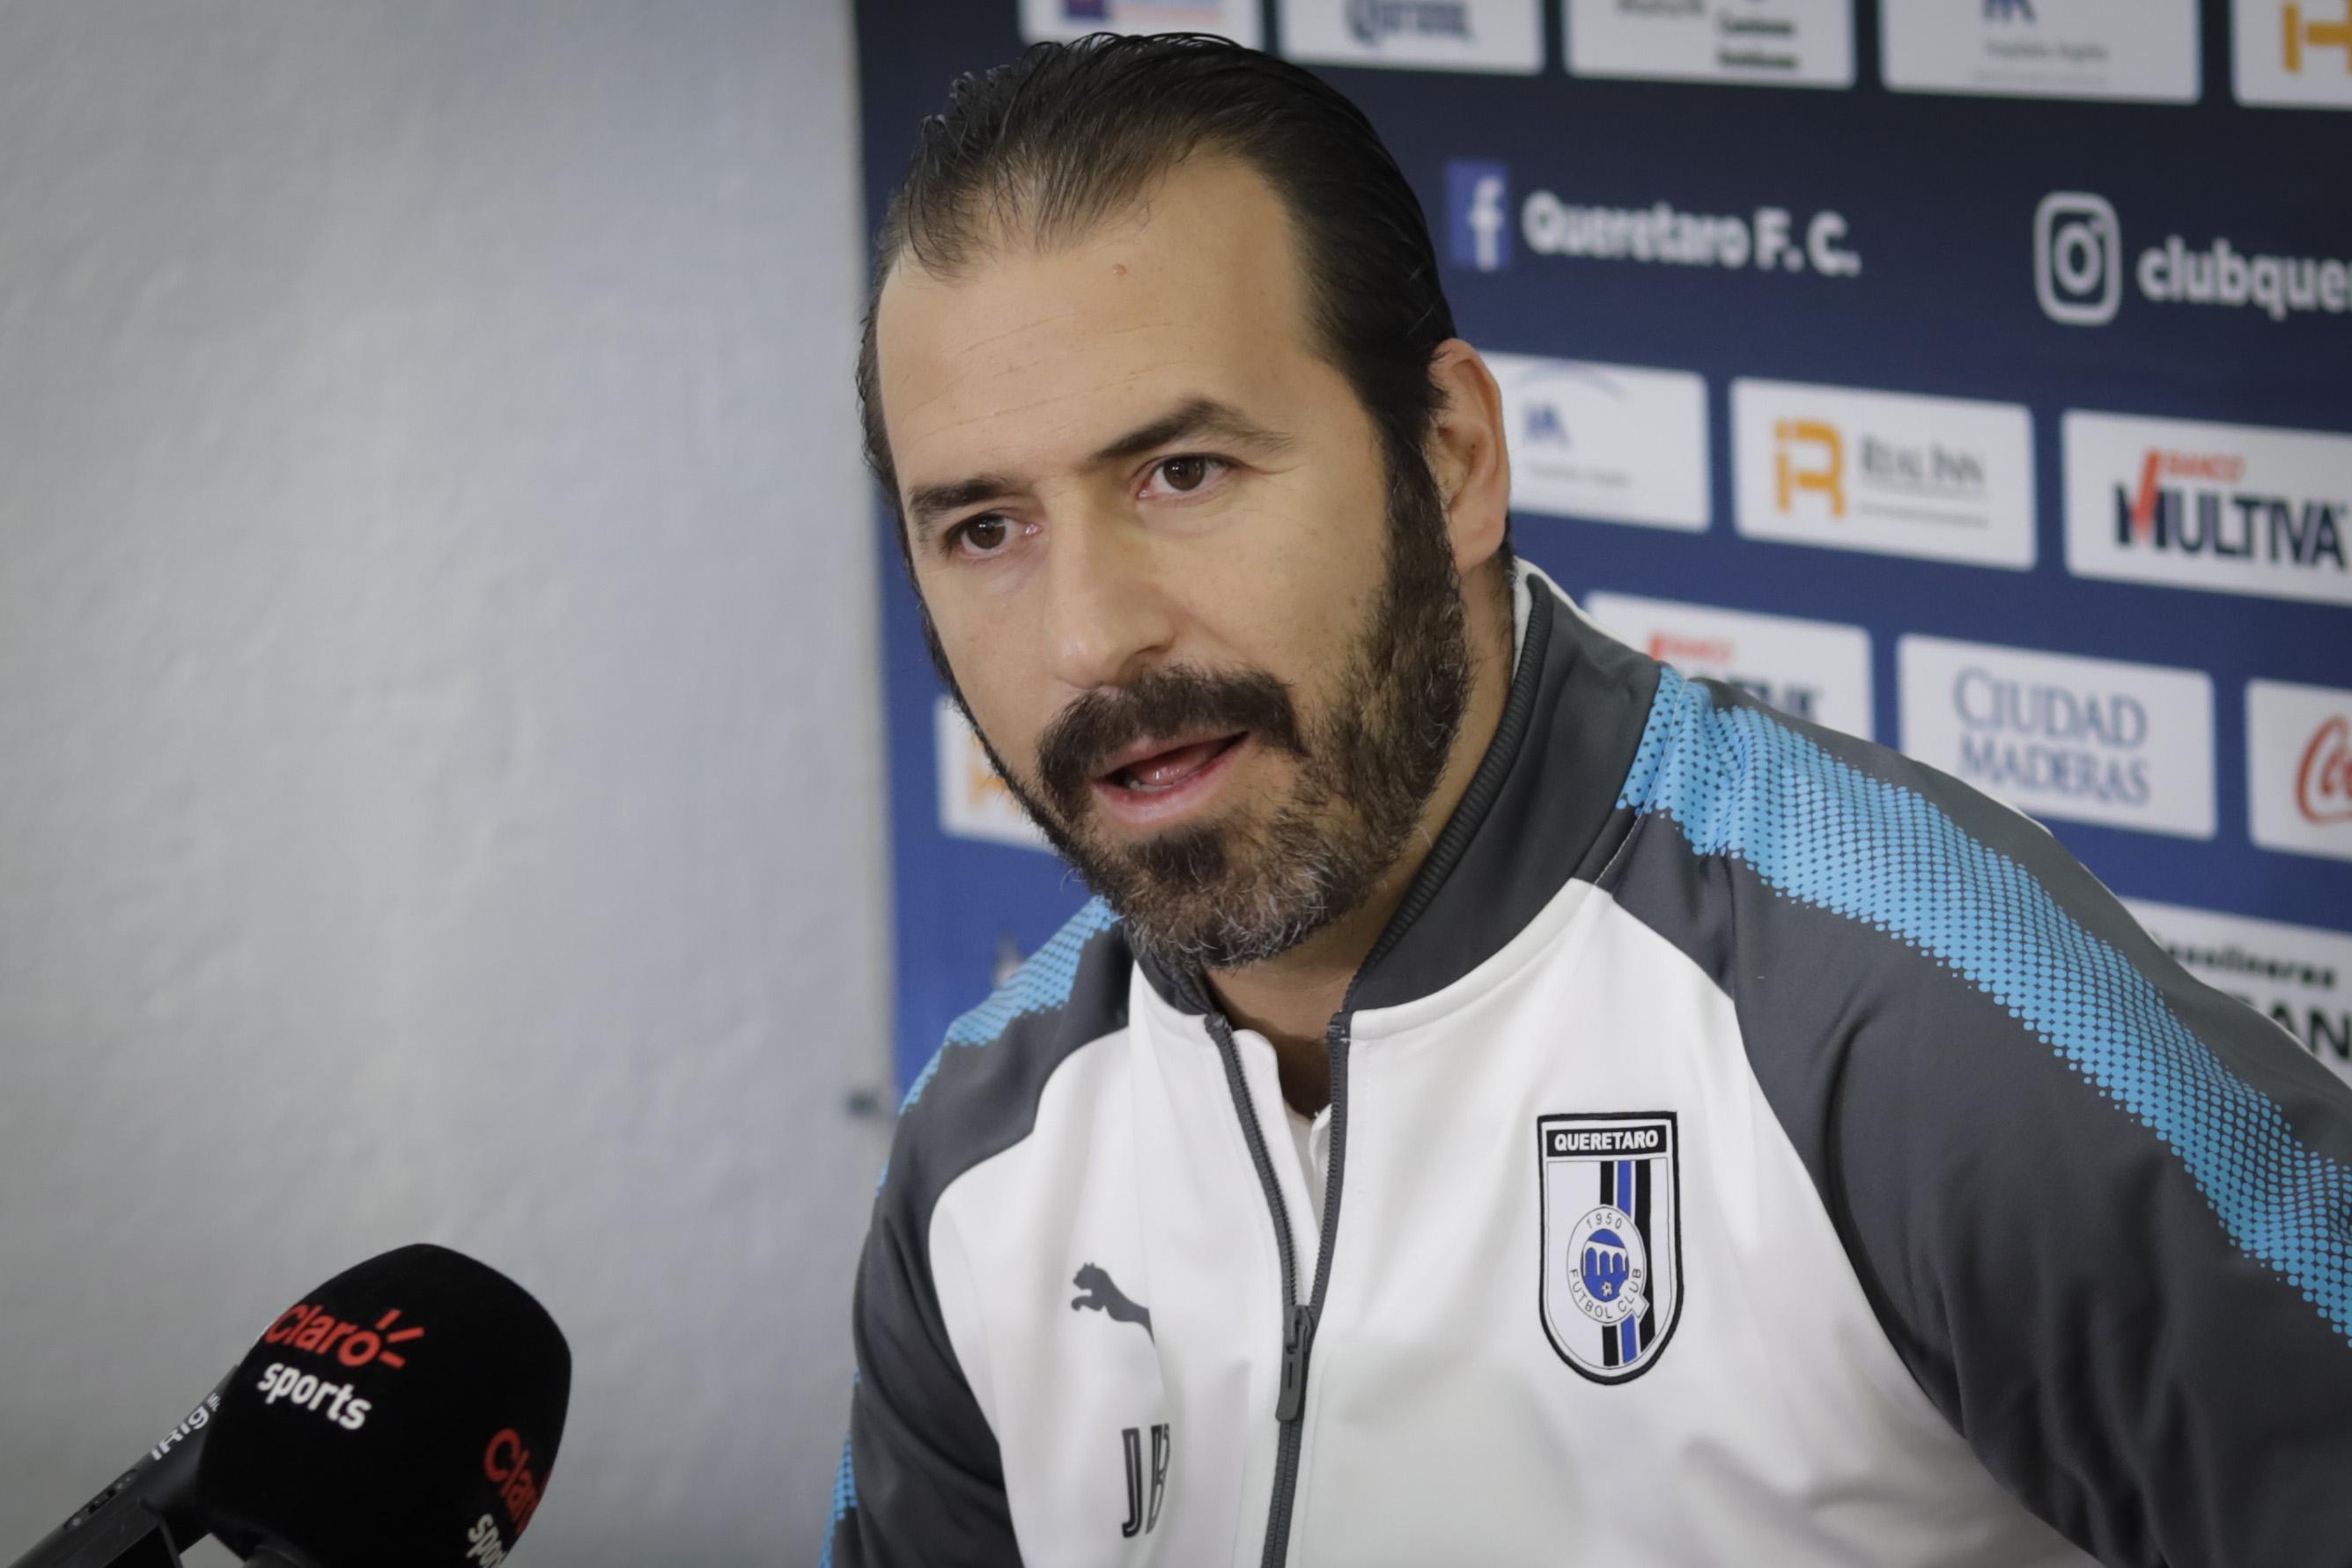 Querétaro, cesa, entrenador, directivos, Gallos Blancos, malos resultados, situación del club, Luis Fernando Tena, nuevo, estratega